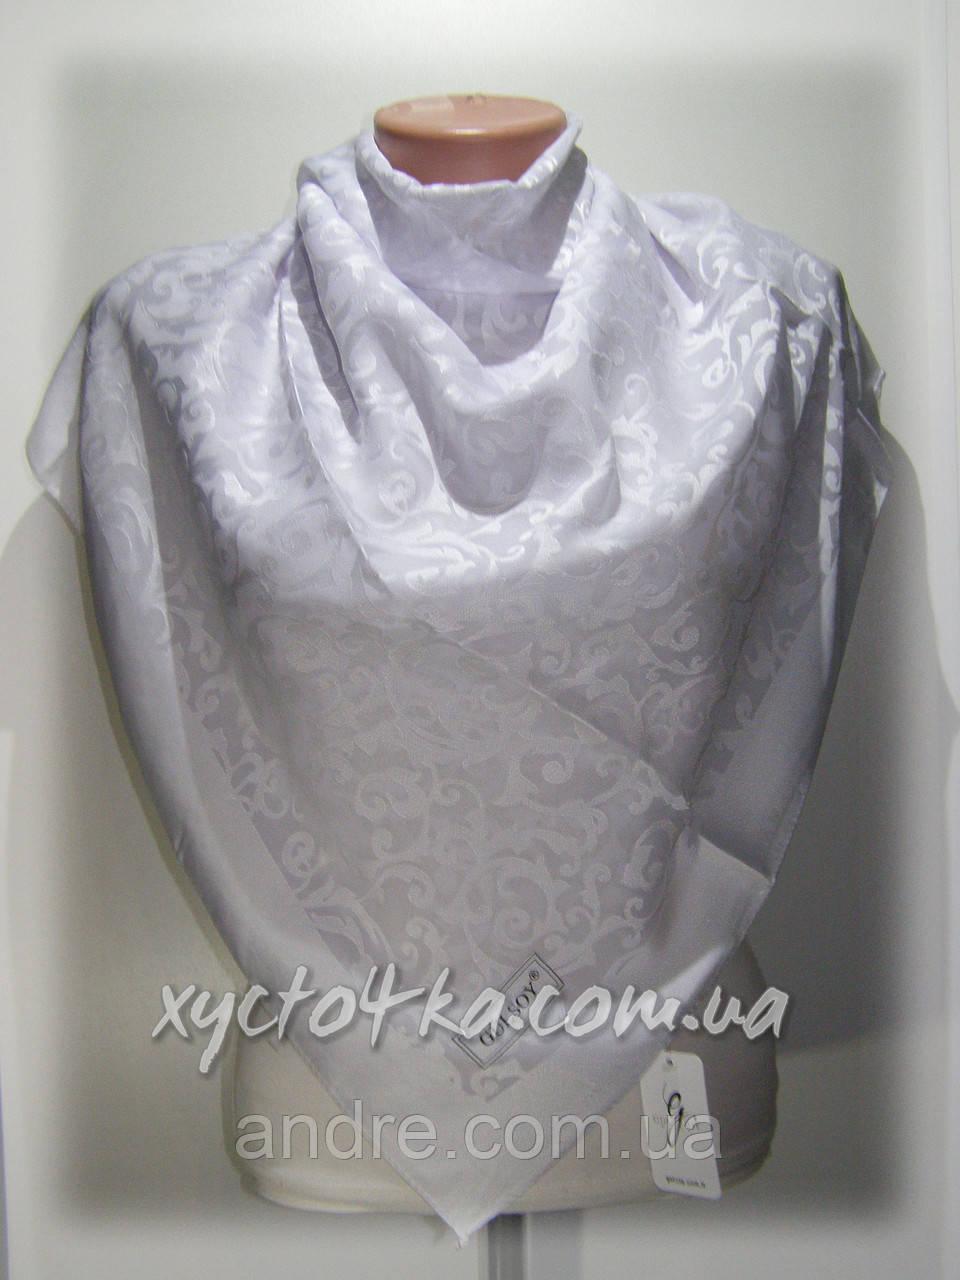 Шелковый платок Афродита белый